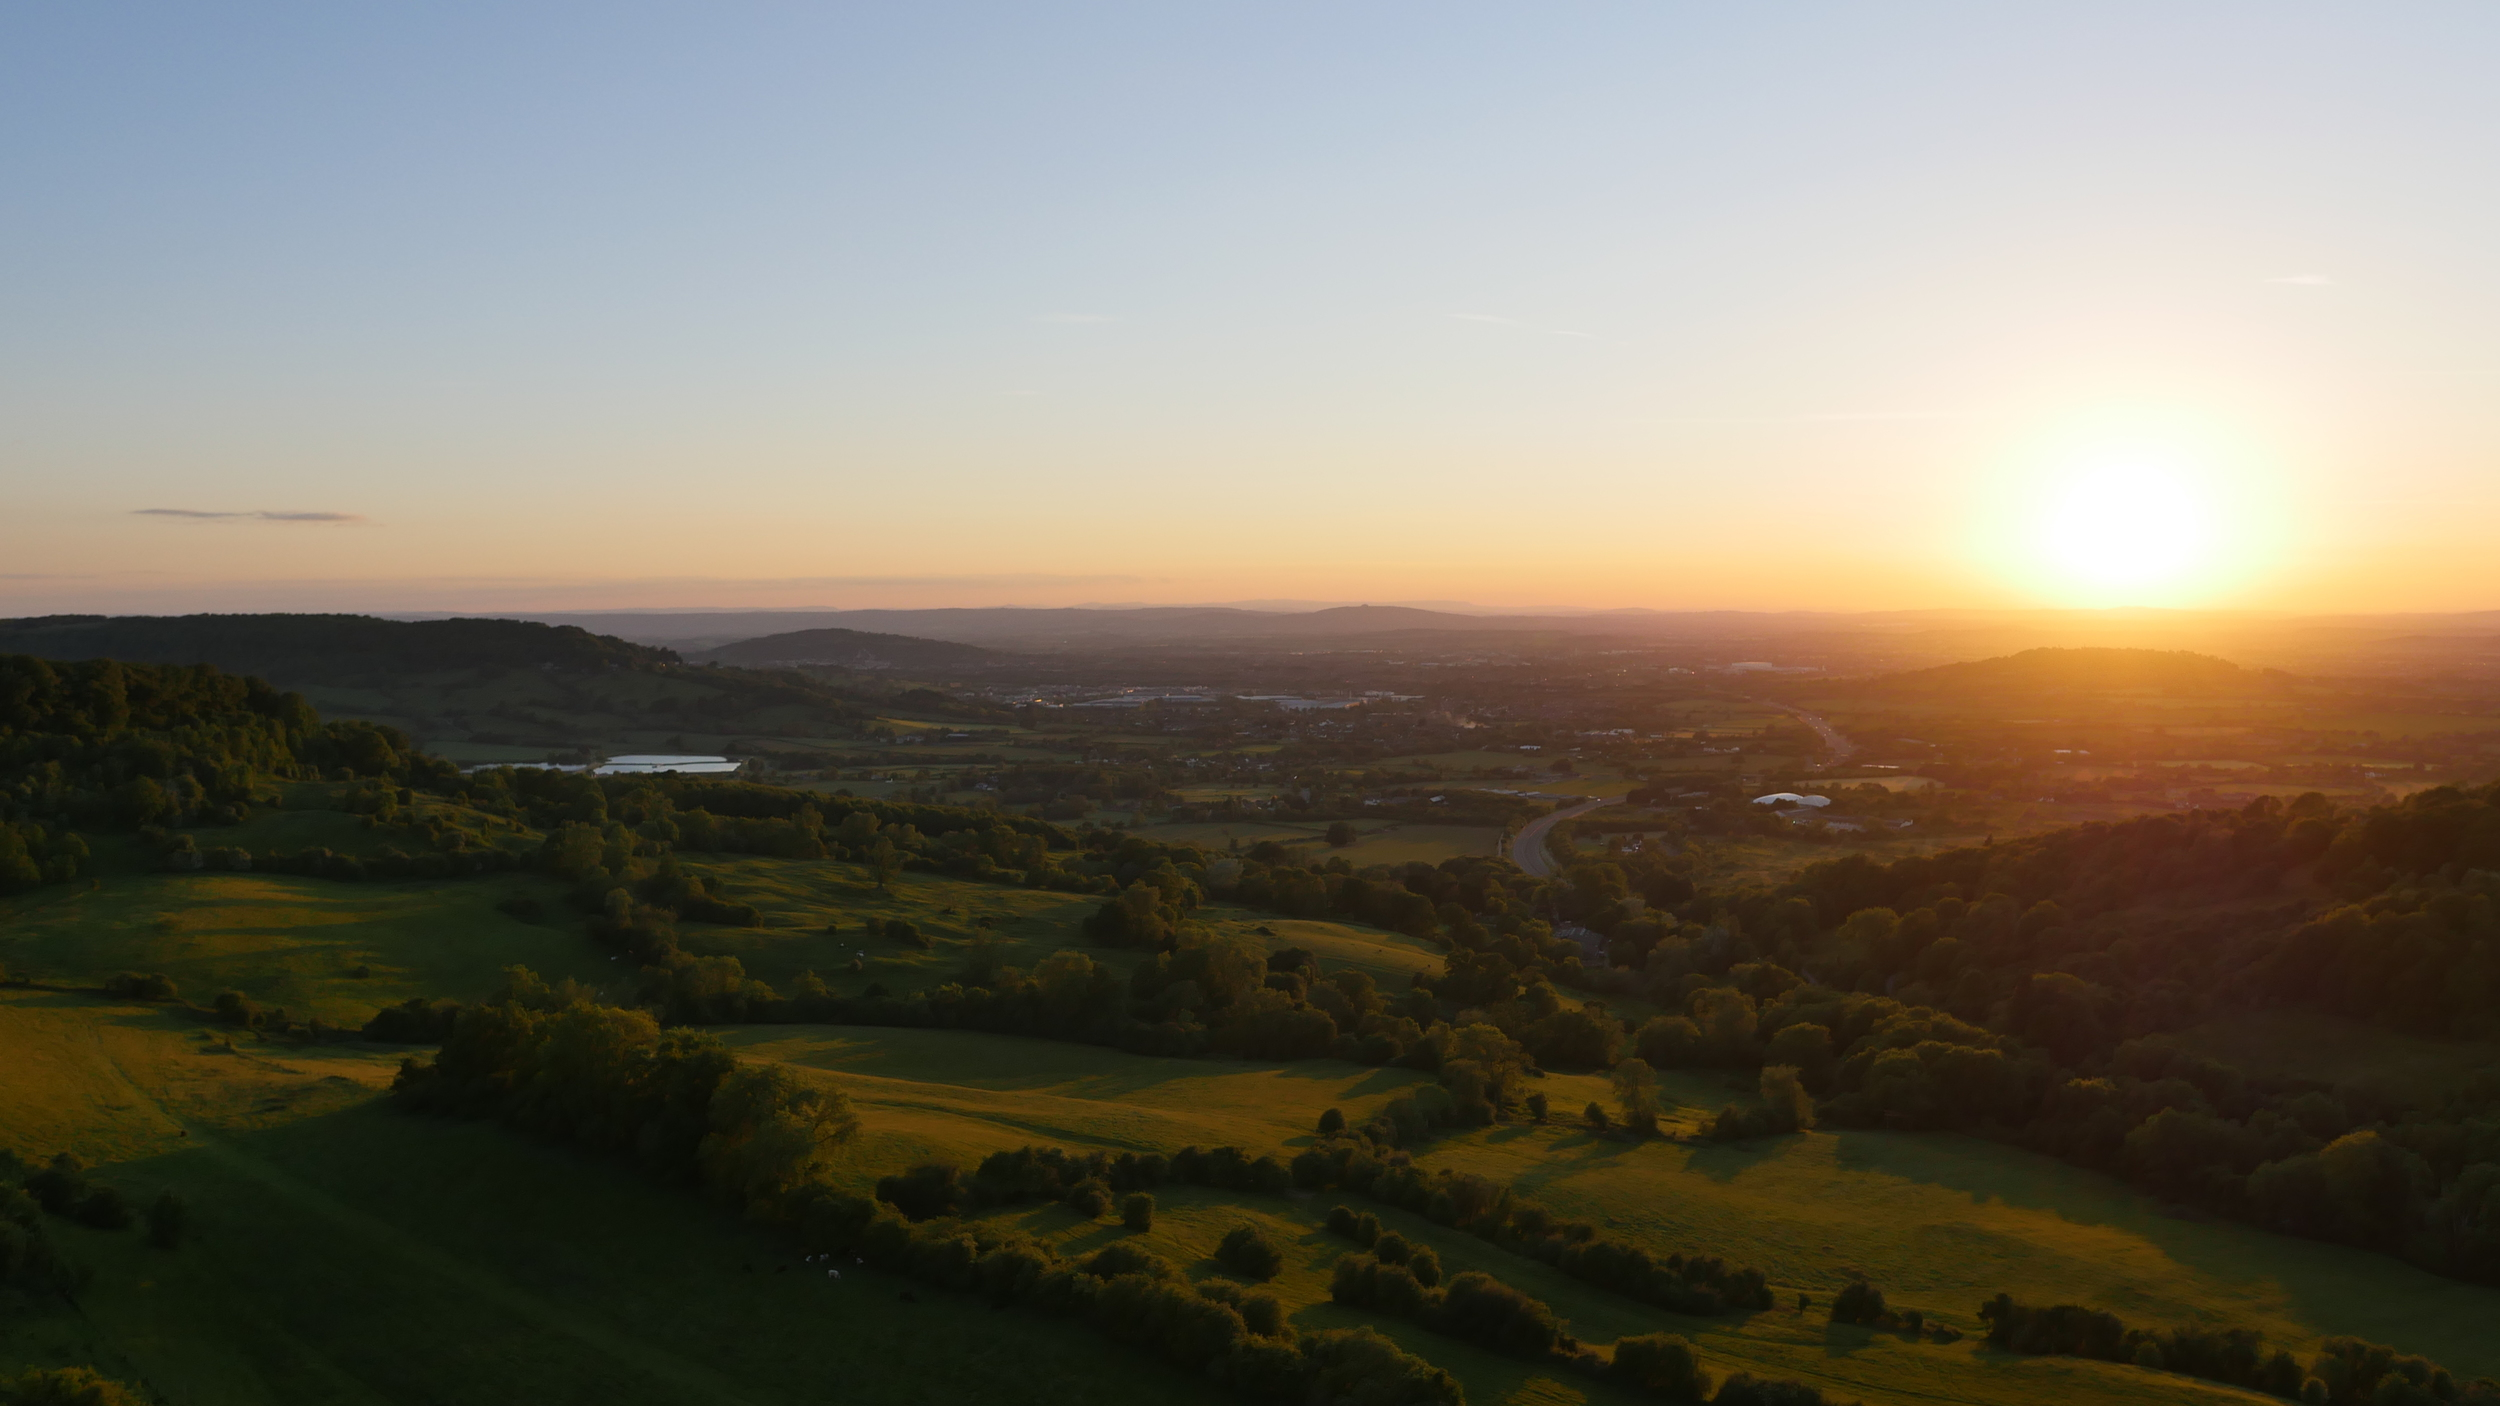 Sunset over Cheltenham